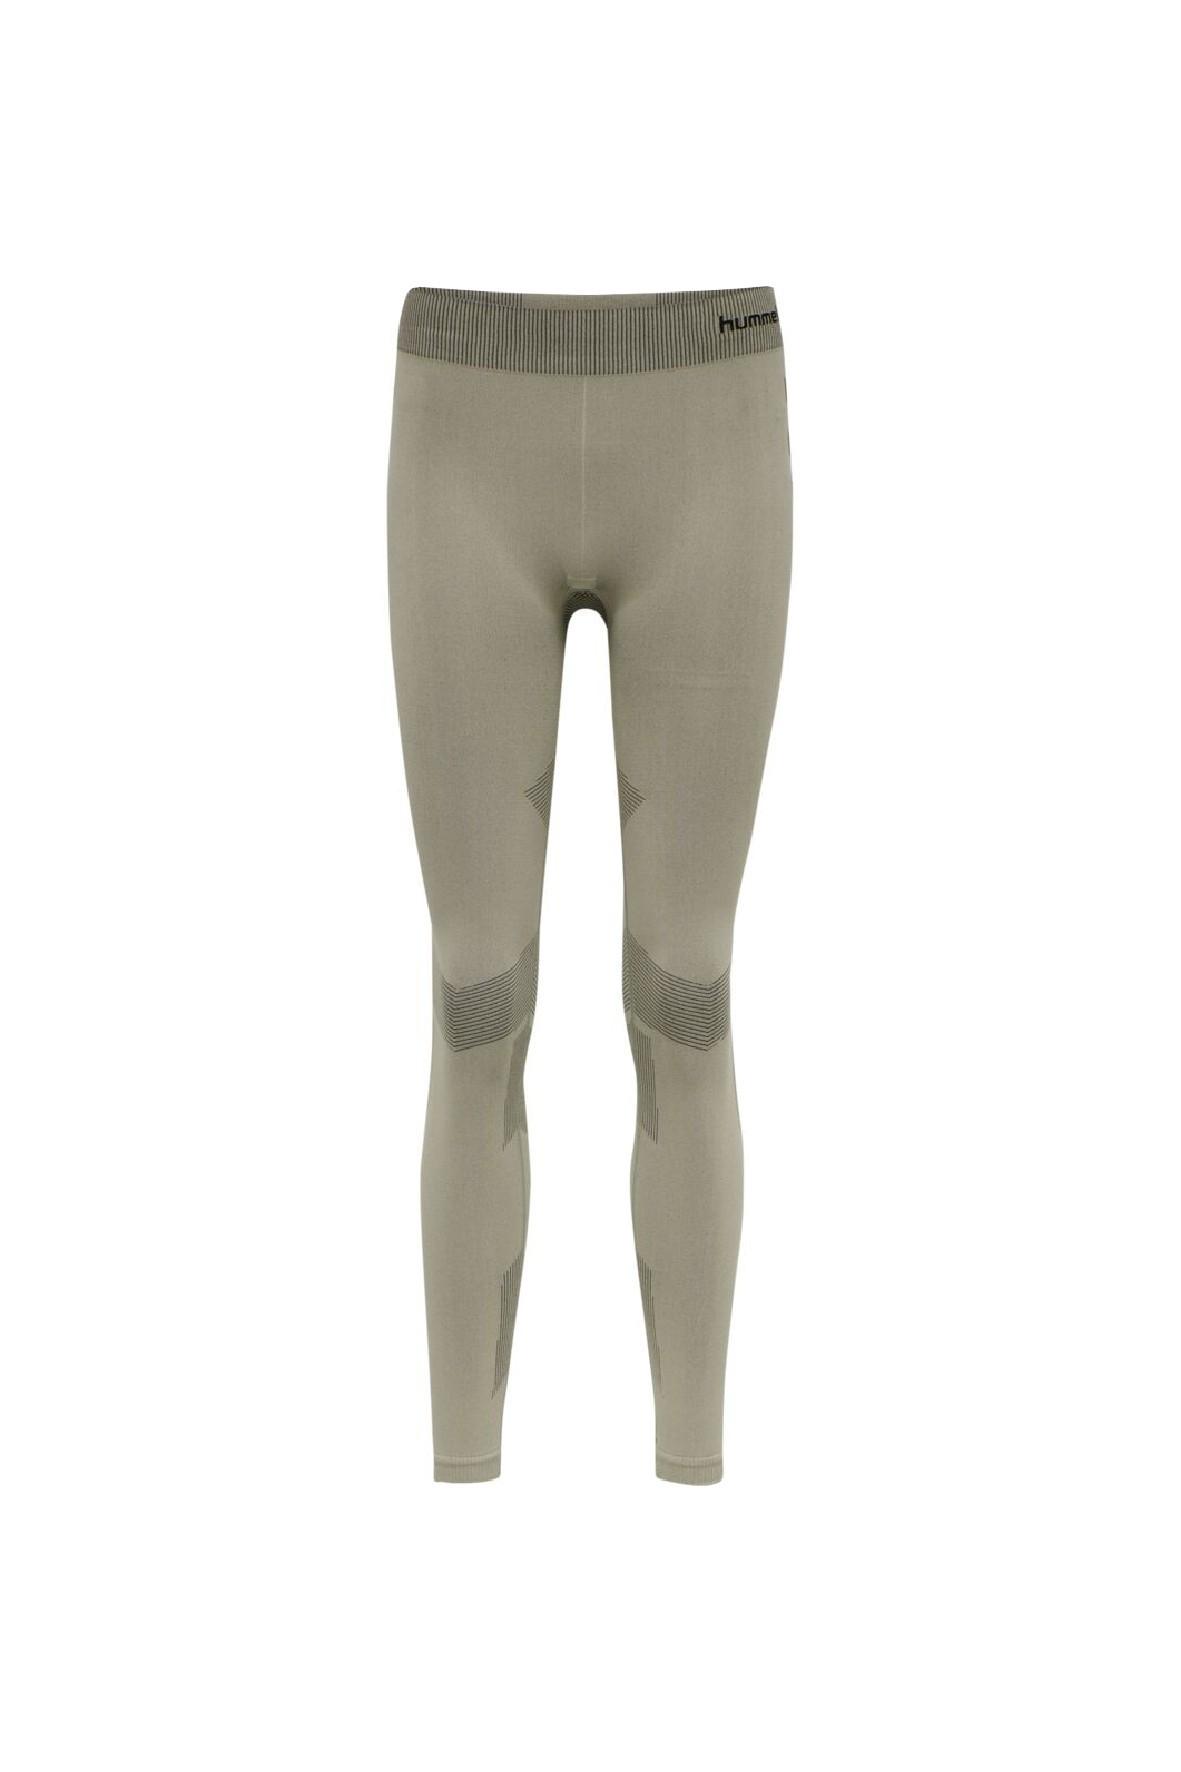 Bezszwowe legginsy treningowe damskie Hummel oliwkowe